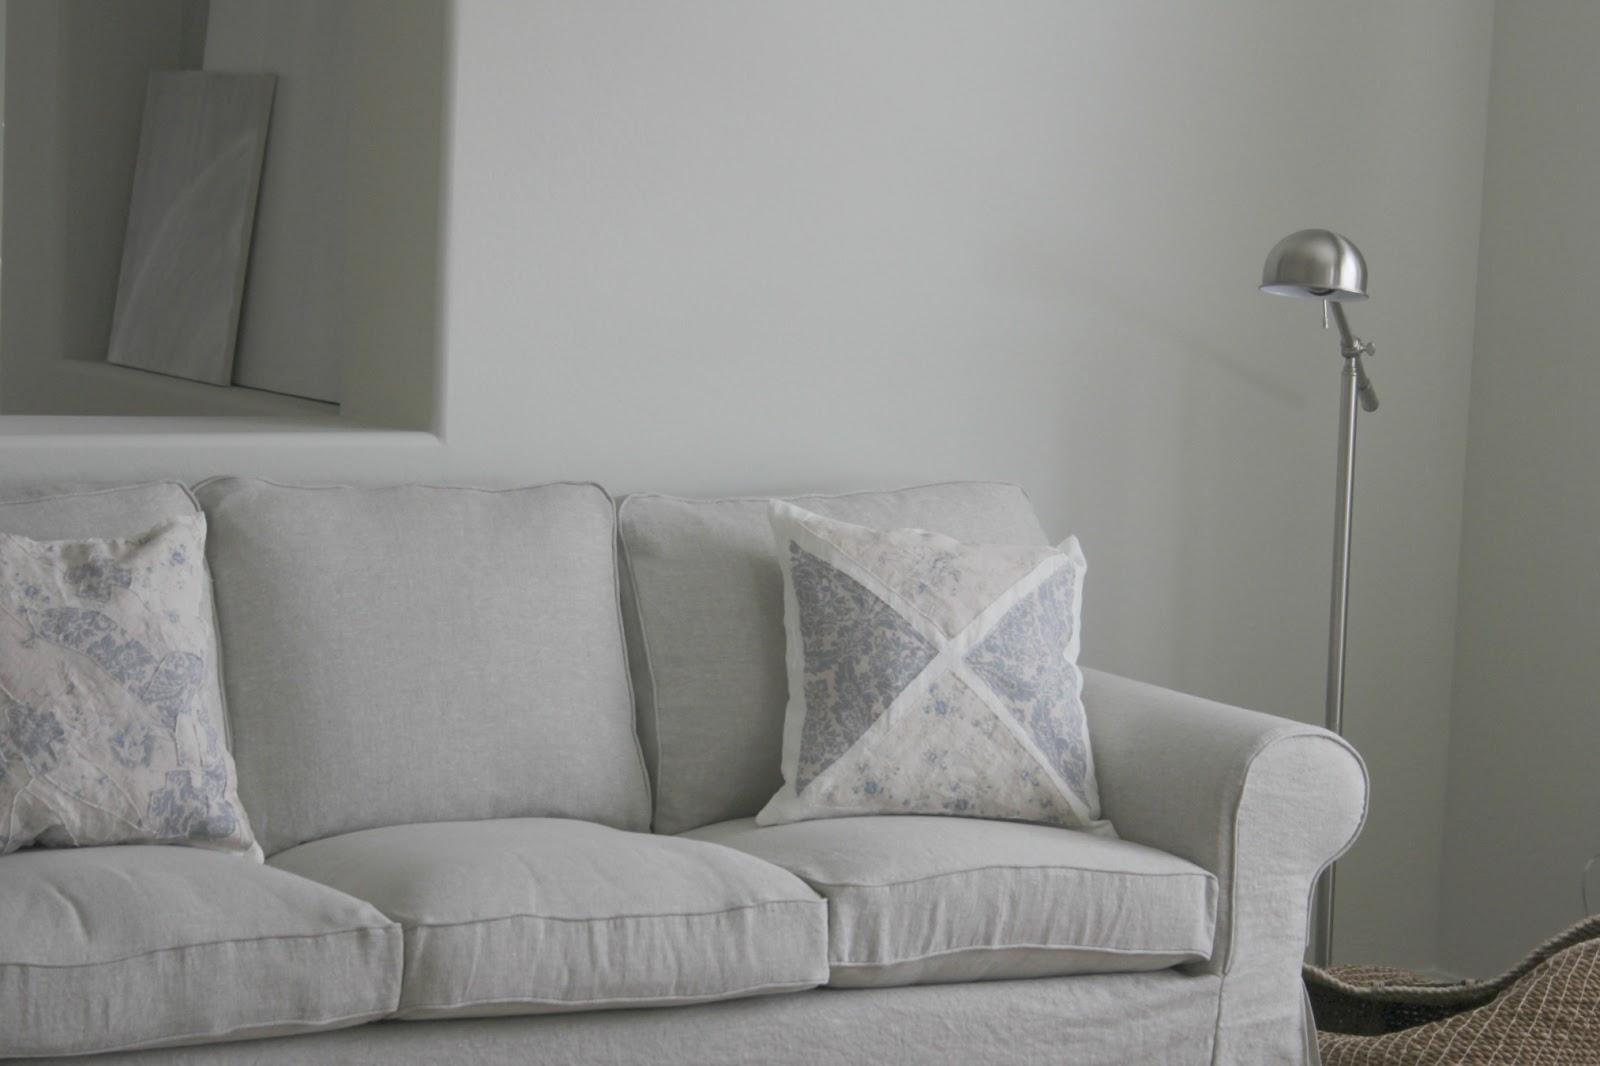 Bemz Belgian linen slipcover on sofa in Arizona home - Hello Lovely Studio